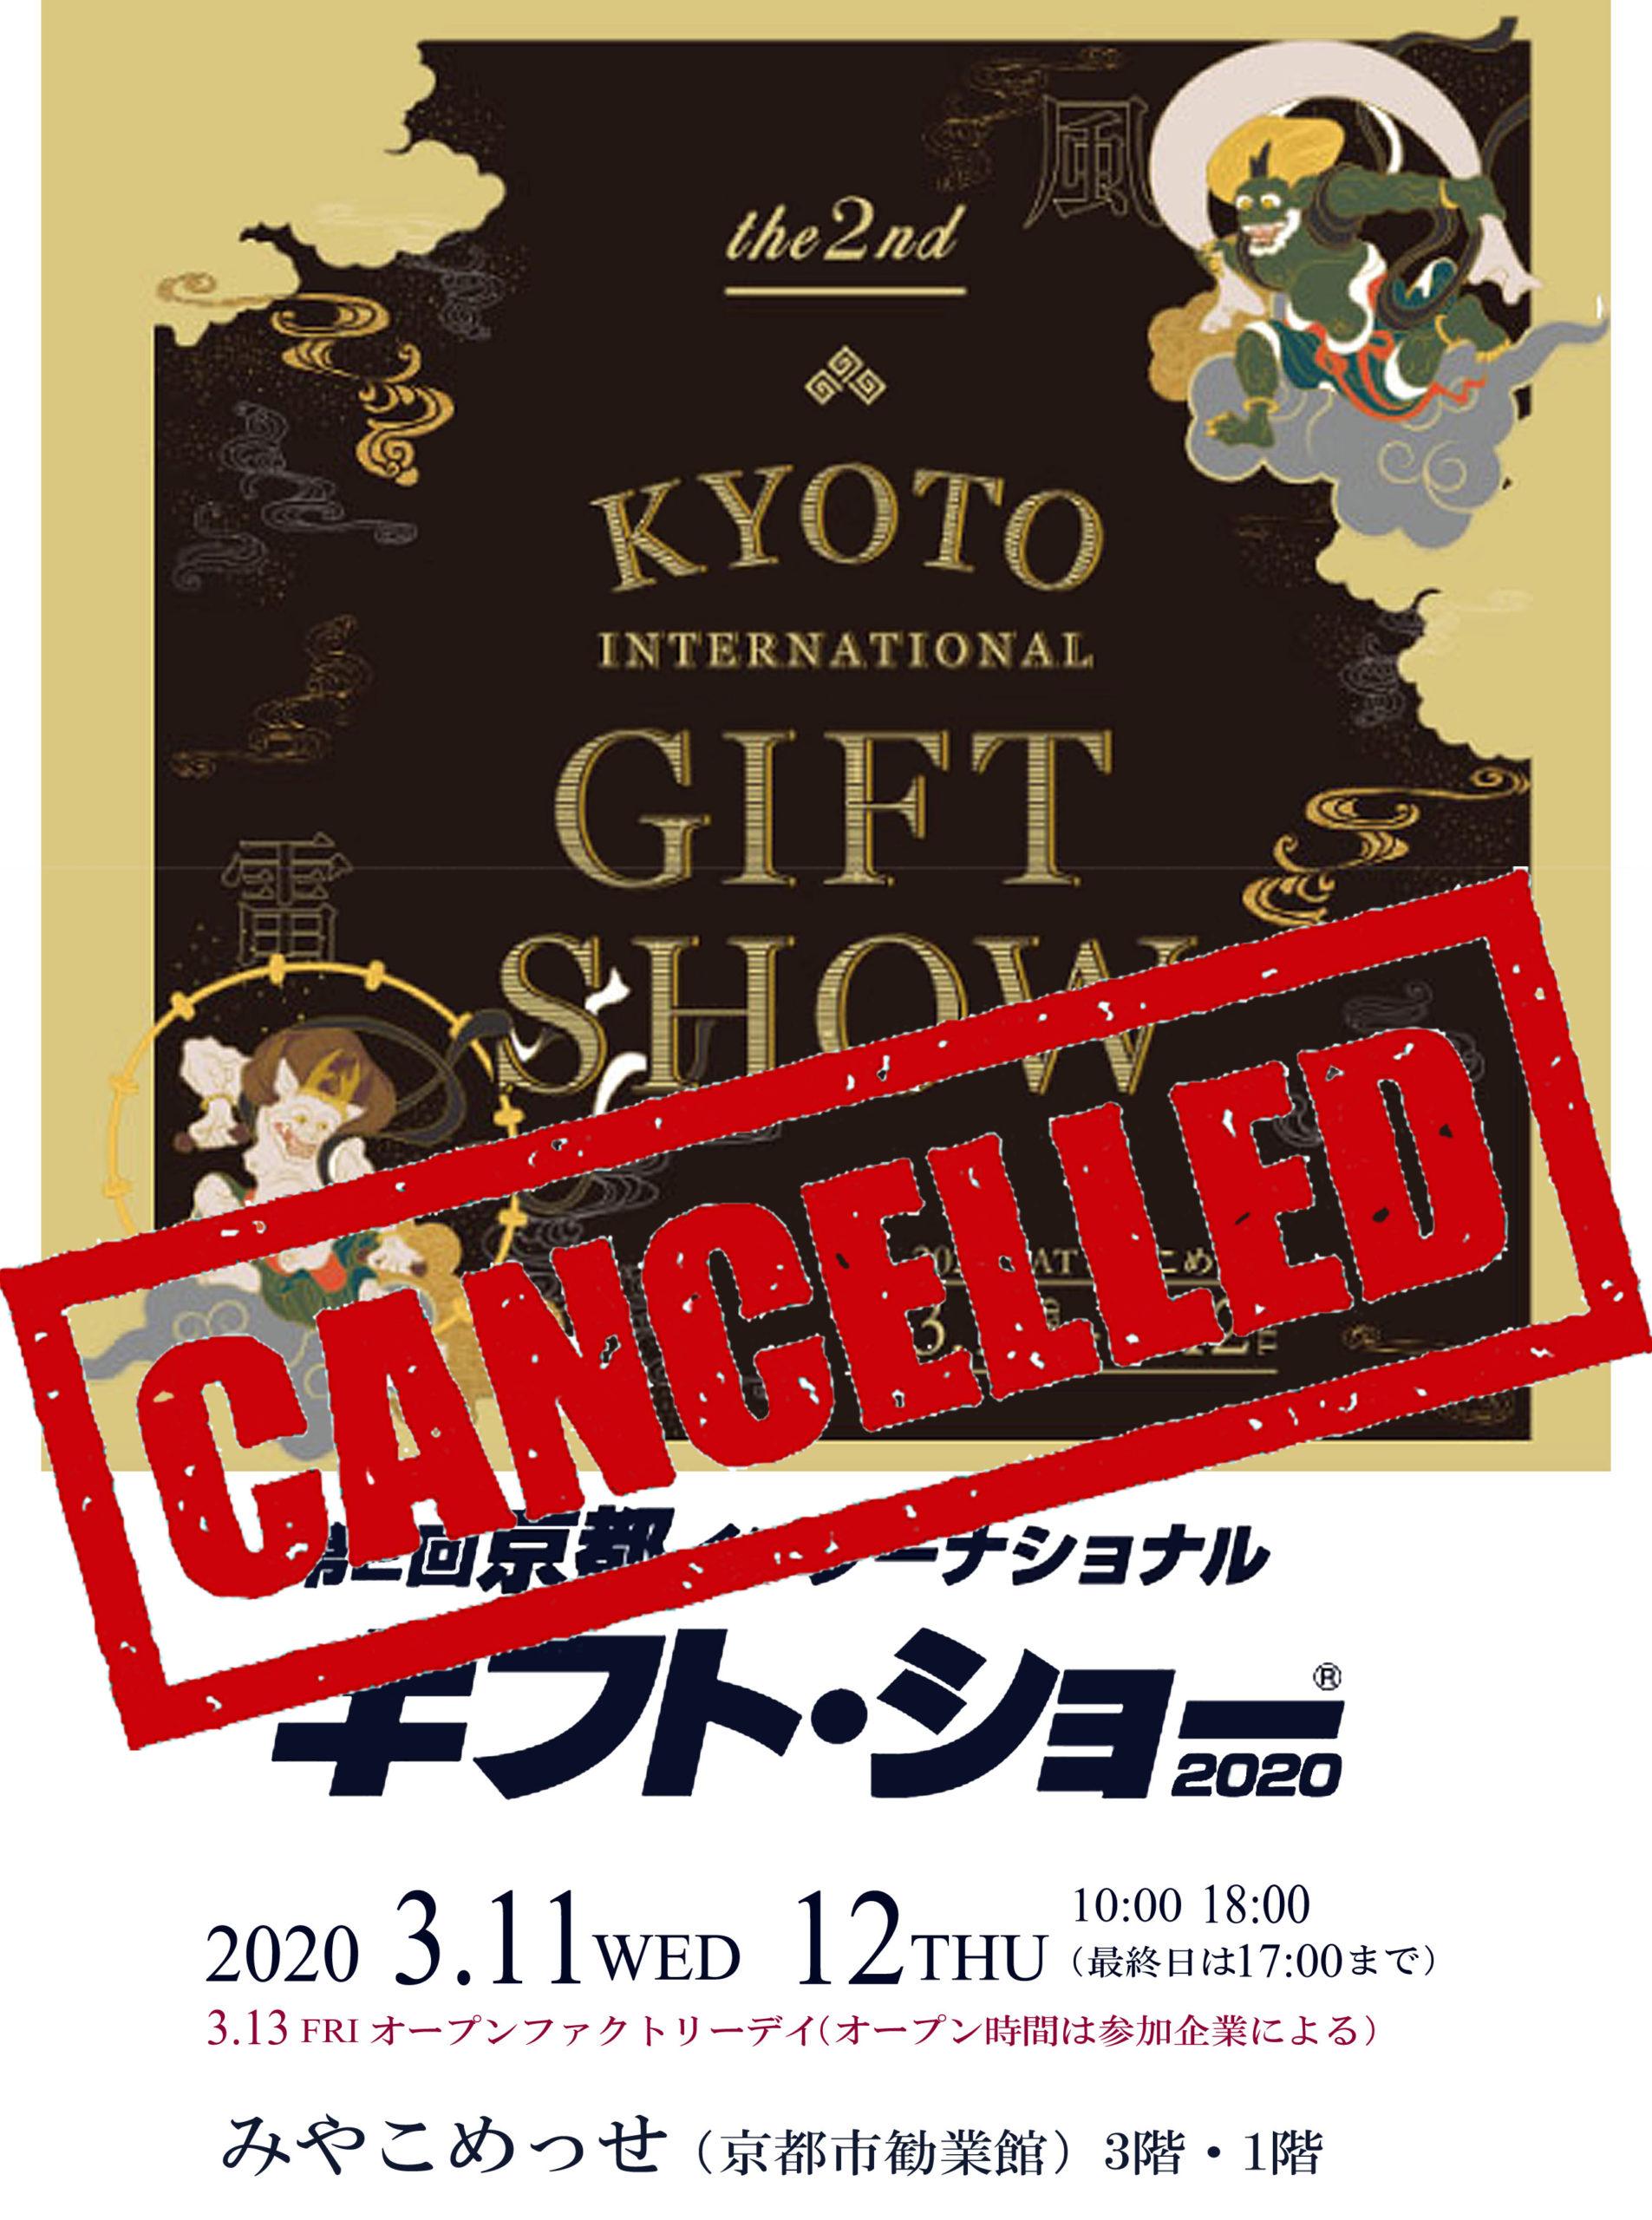 第2回京都インターナショナルギフトショー中止のお知らせ